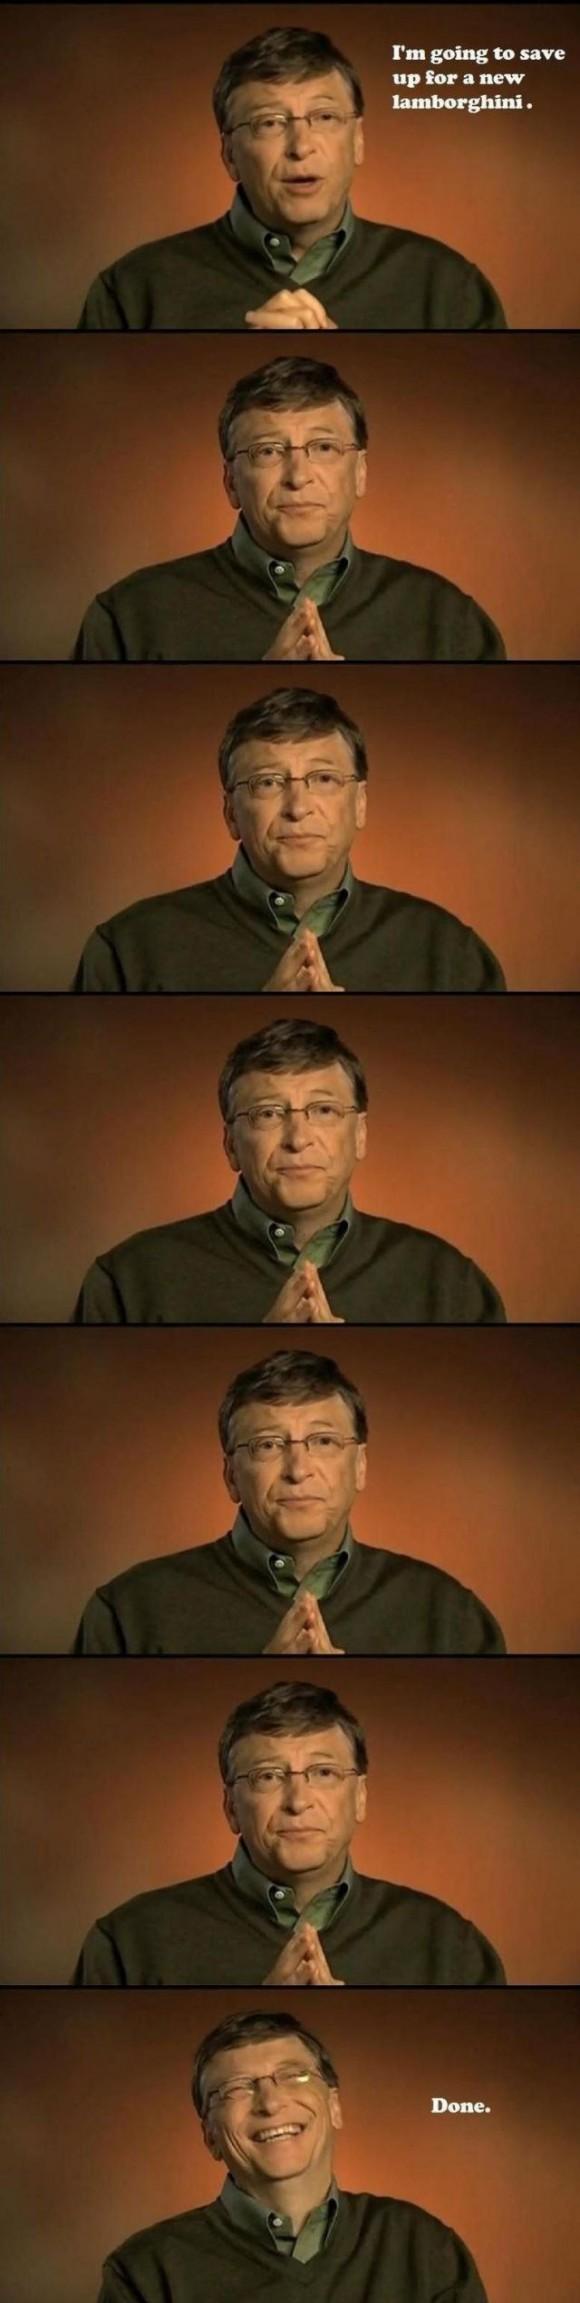 Bill Gates spart für einen neuen Lamborghini